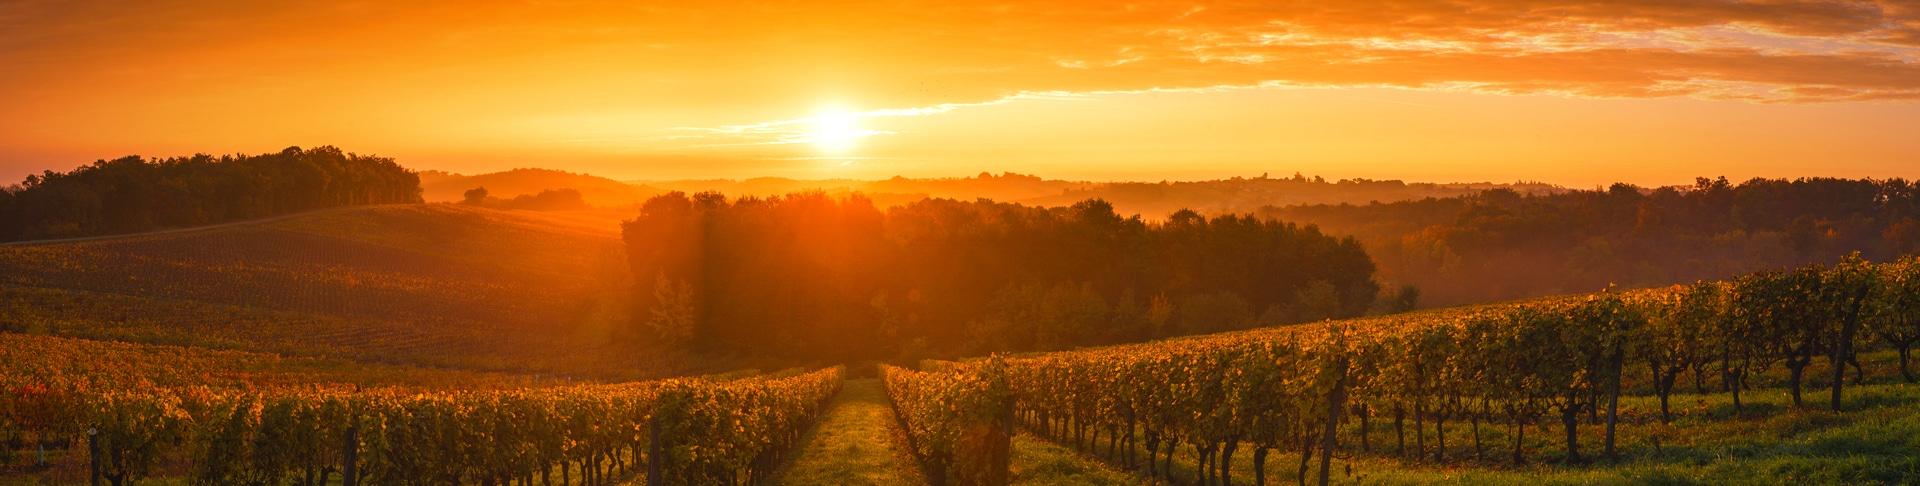 Bordeaux | Achat groupé de vins